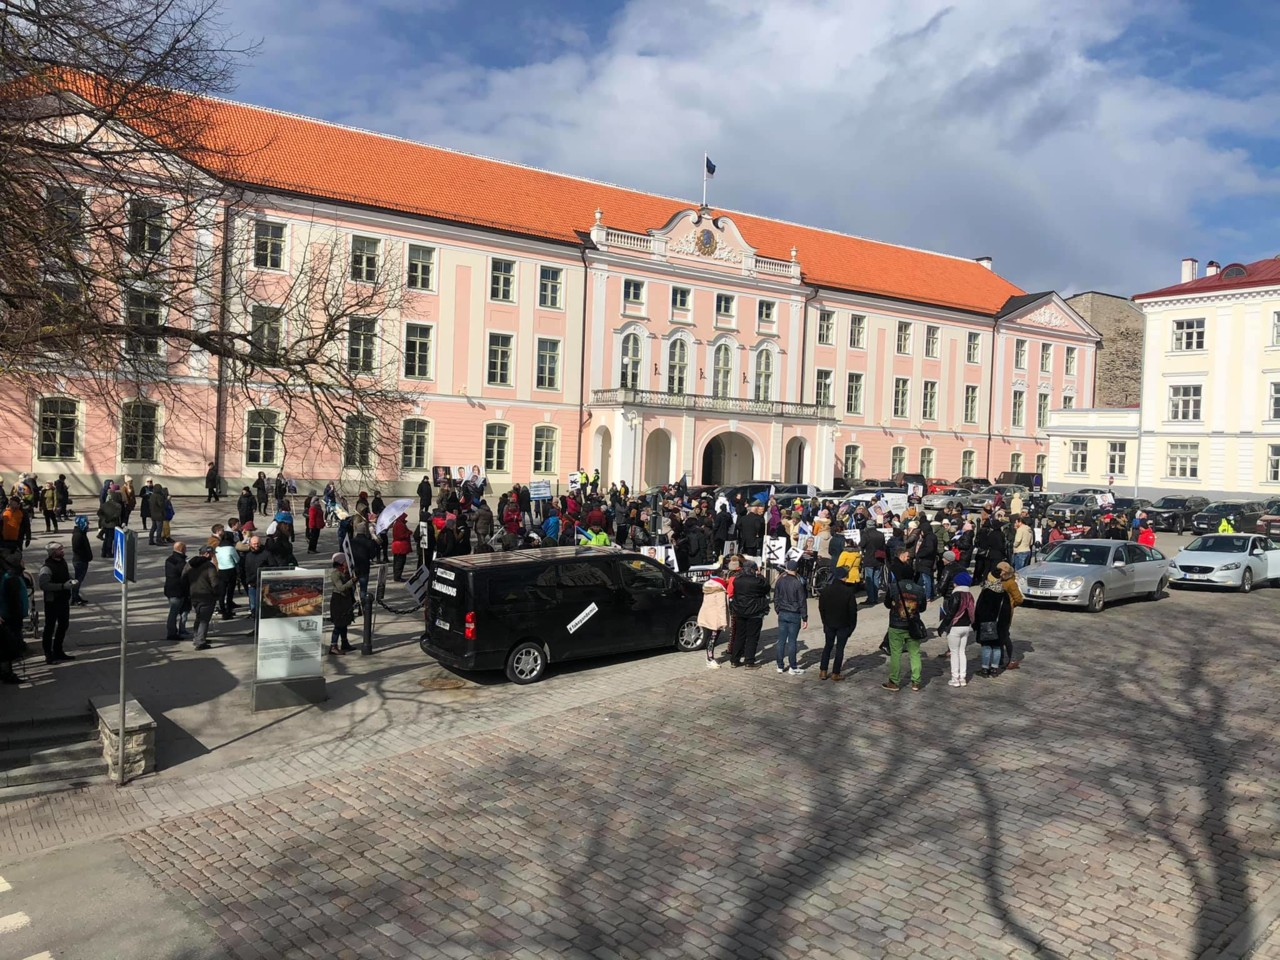 KUUM: Riigikogu liige sõitis meelega protestijate otsa!